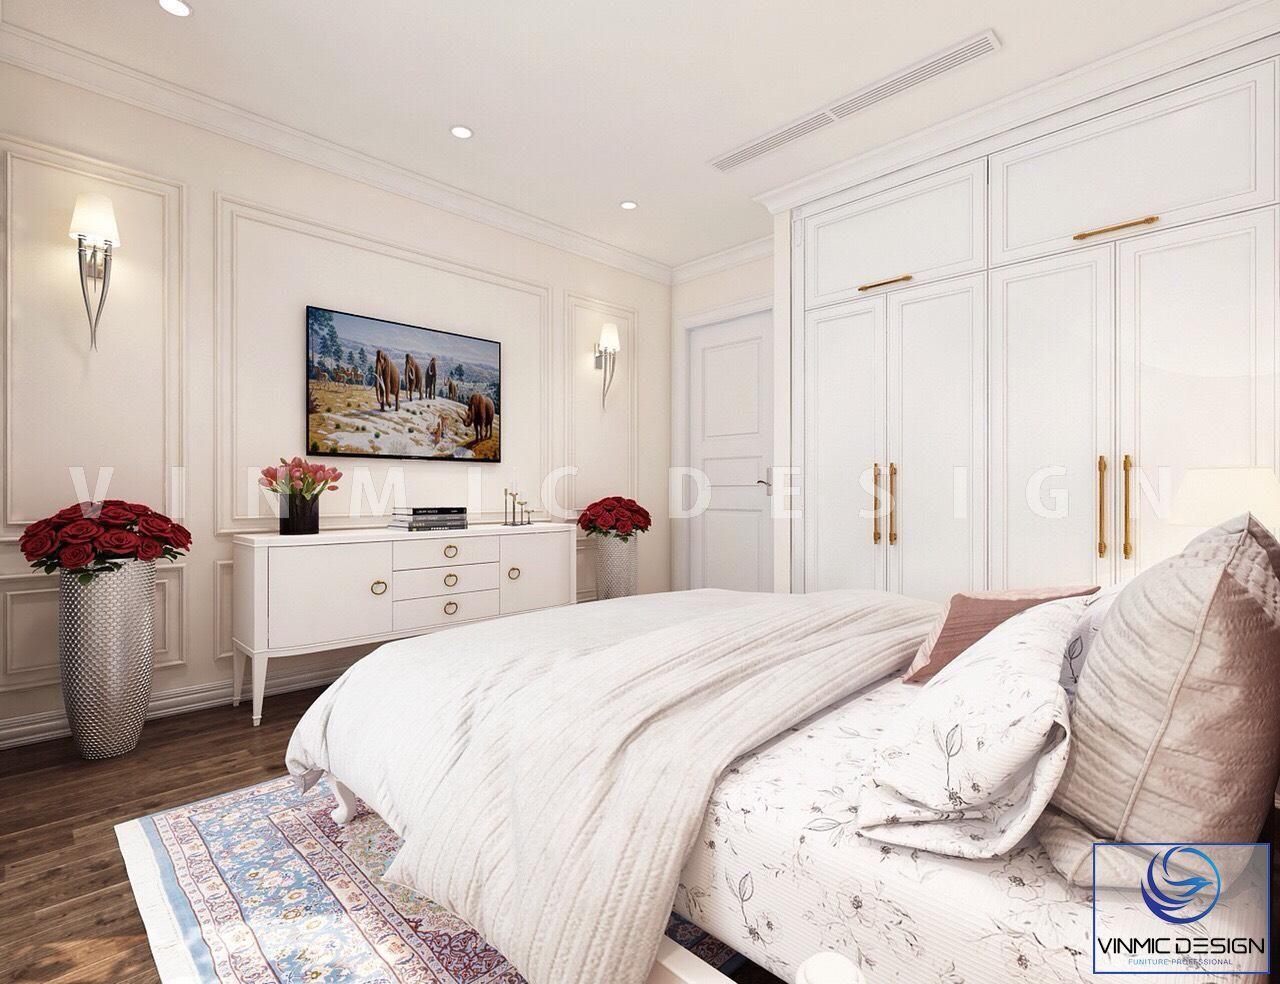 Thiết kế nội thất phòng ngủ cho bé gái với tone màu trắng chủ đạo tại biệt thự Vinhomes Imperia Hải Phòng